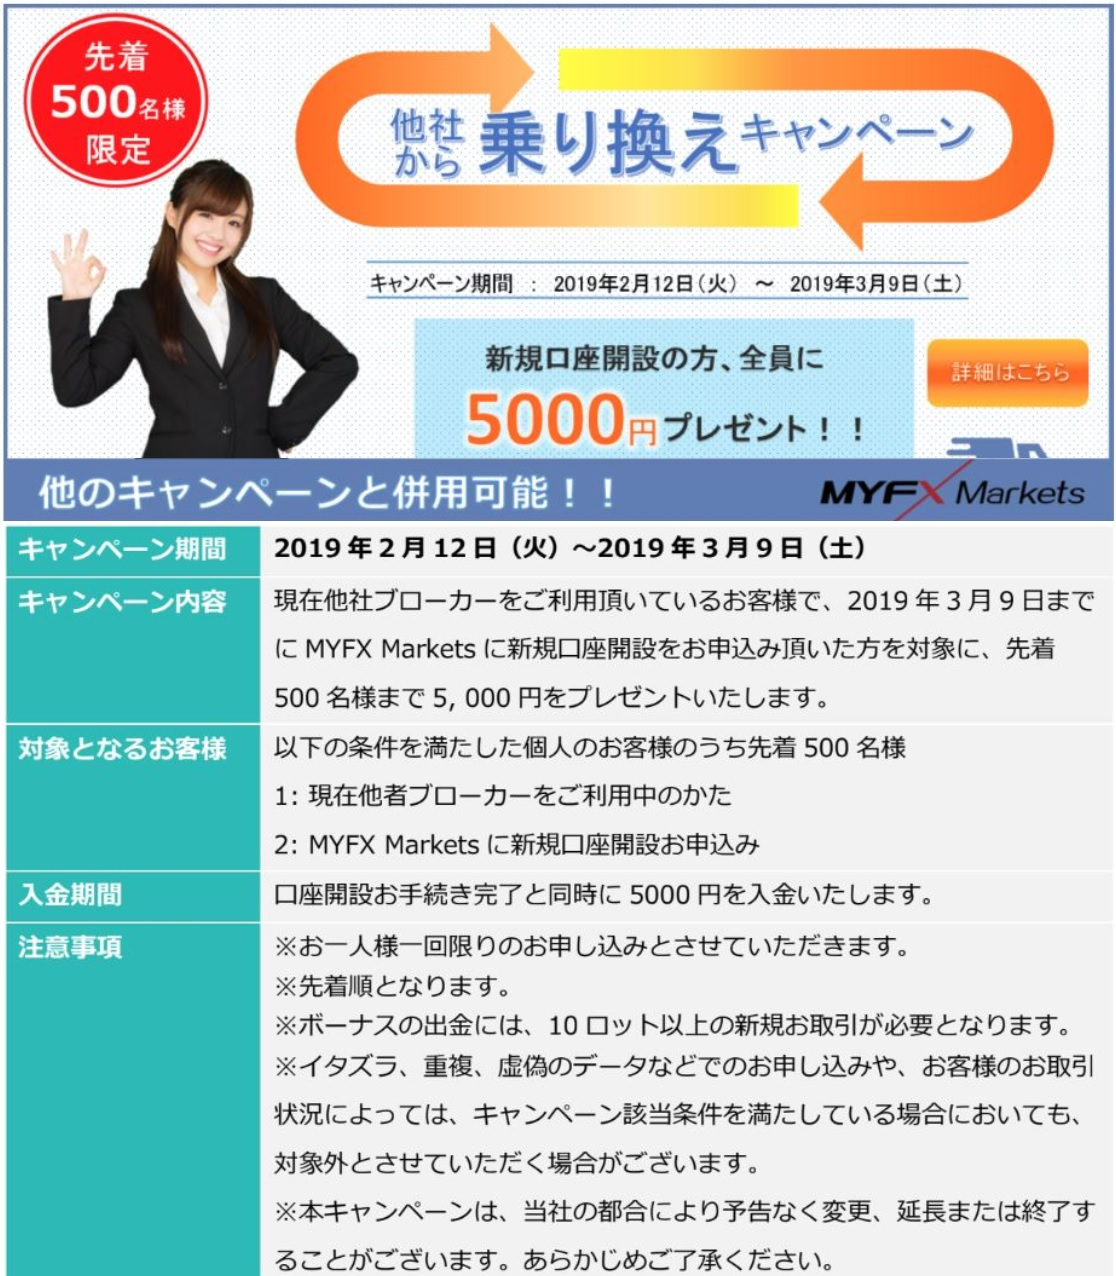 マイエフエックスマーケット 100%ボーナスと5000円キャンペーン